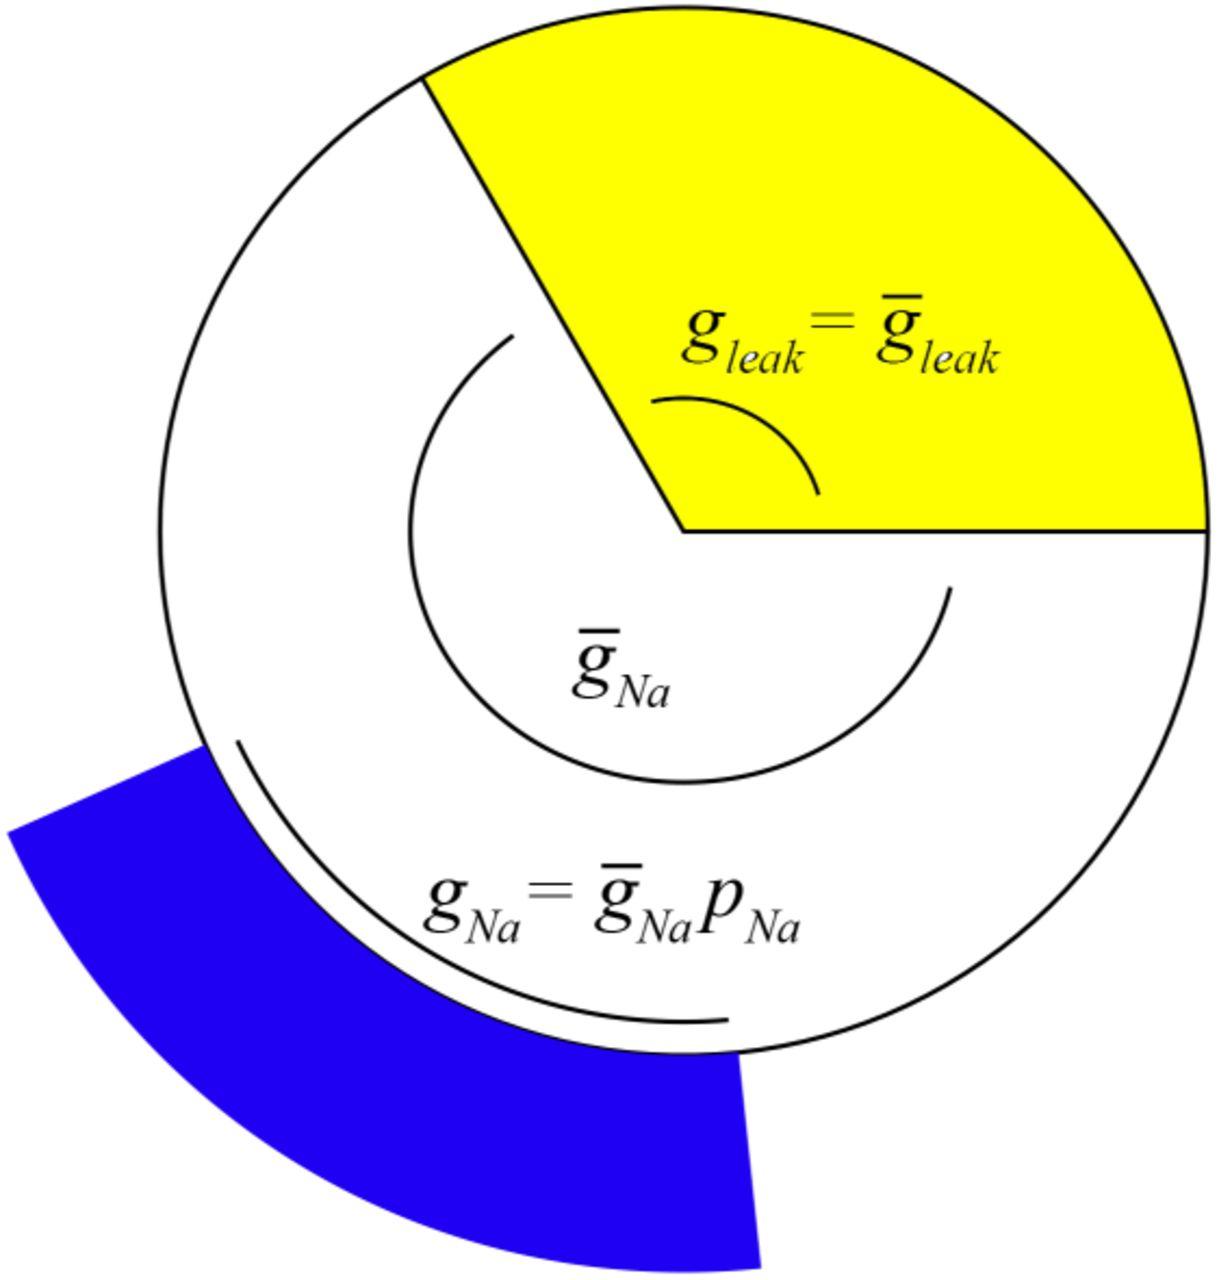 Membrane state diagrams make electrophysiological models